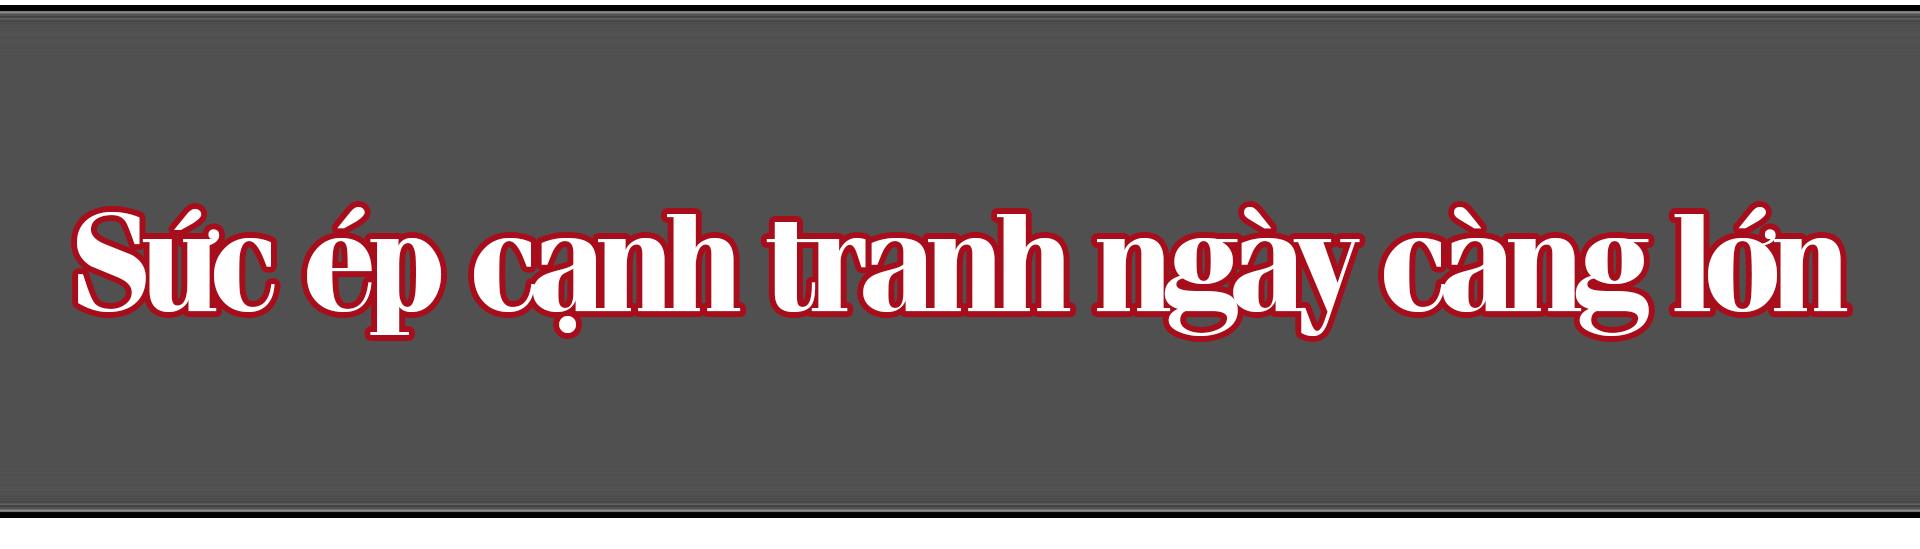 [eMagazine] - Toàn cảnh thị trường bán lẻ Việt Nam: Cuộc chơi chỉ mới bắt đầu! - Ảnh 4.